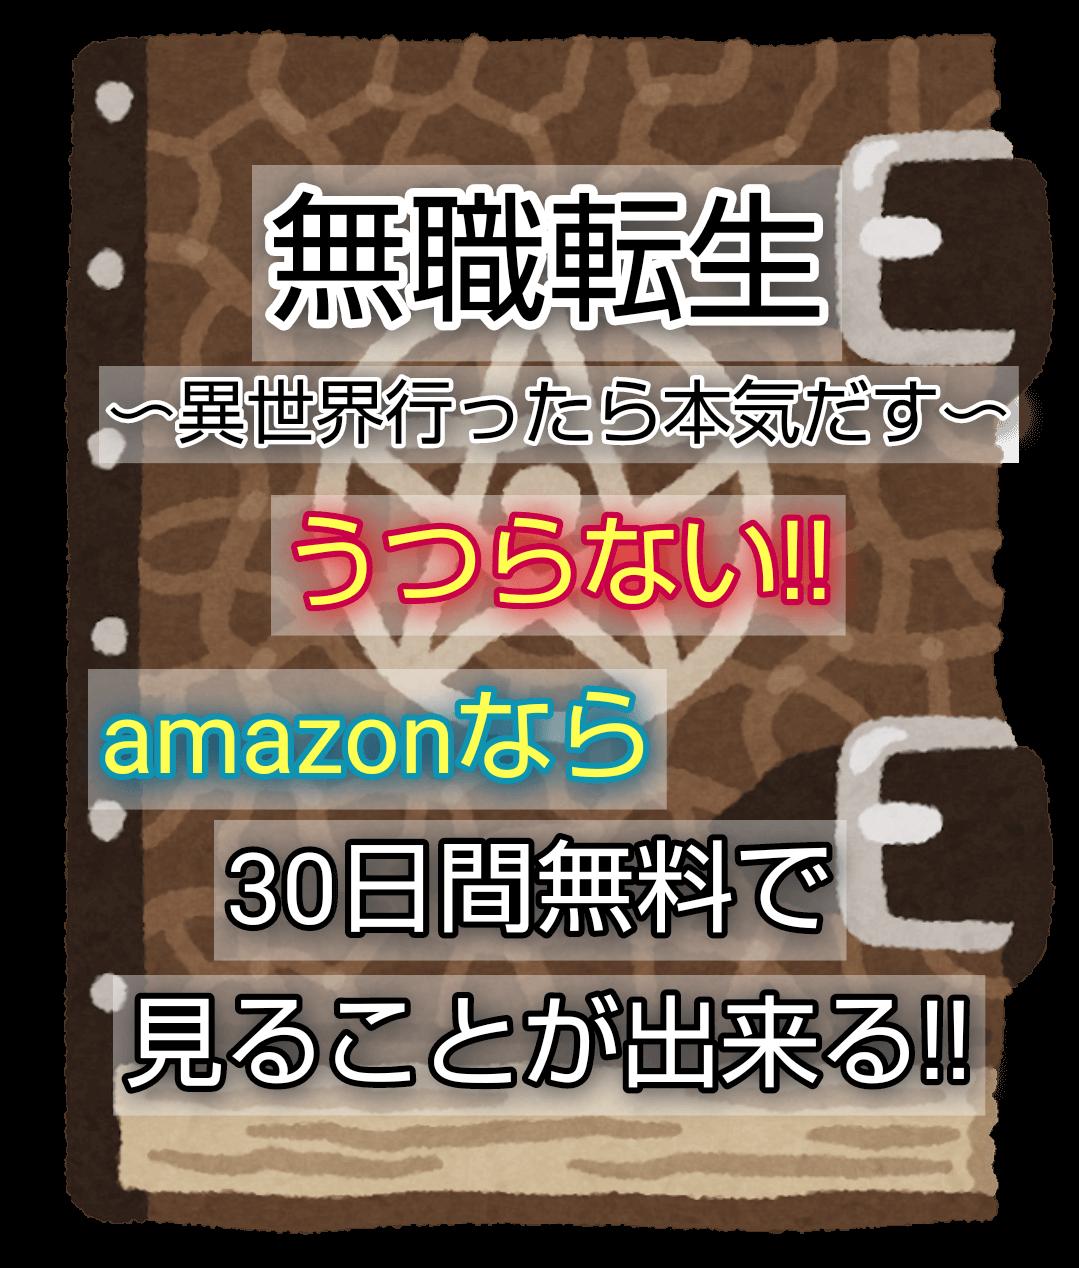 無職転生がうつらない!! amazonなら30日間無料で試聴できるよ!!